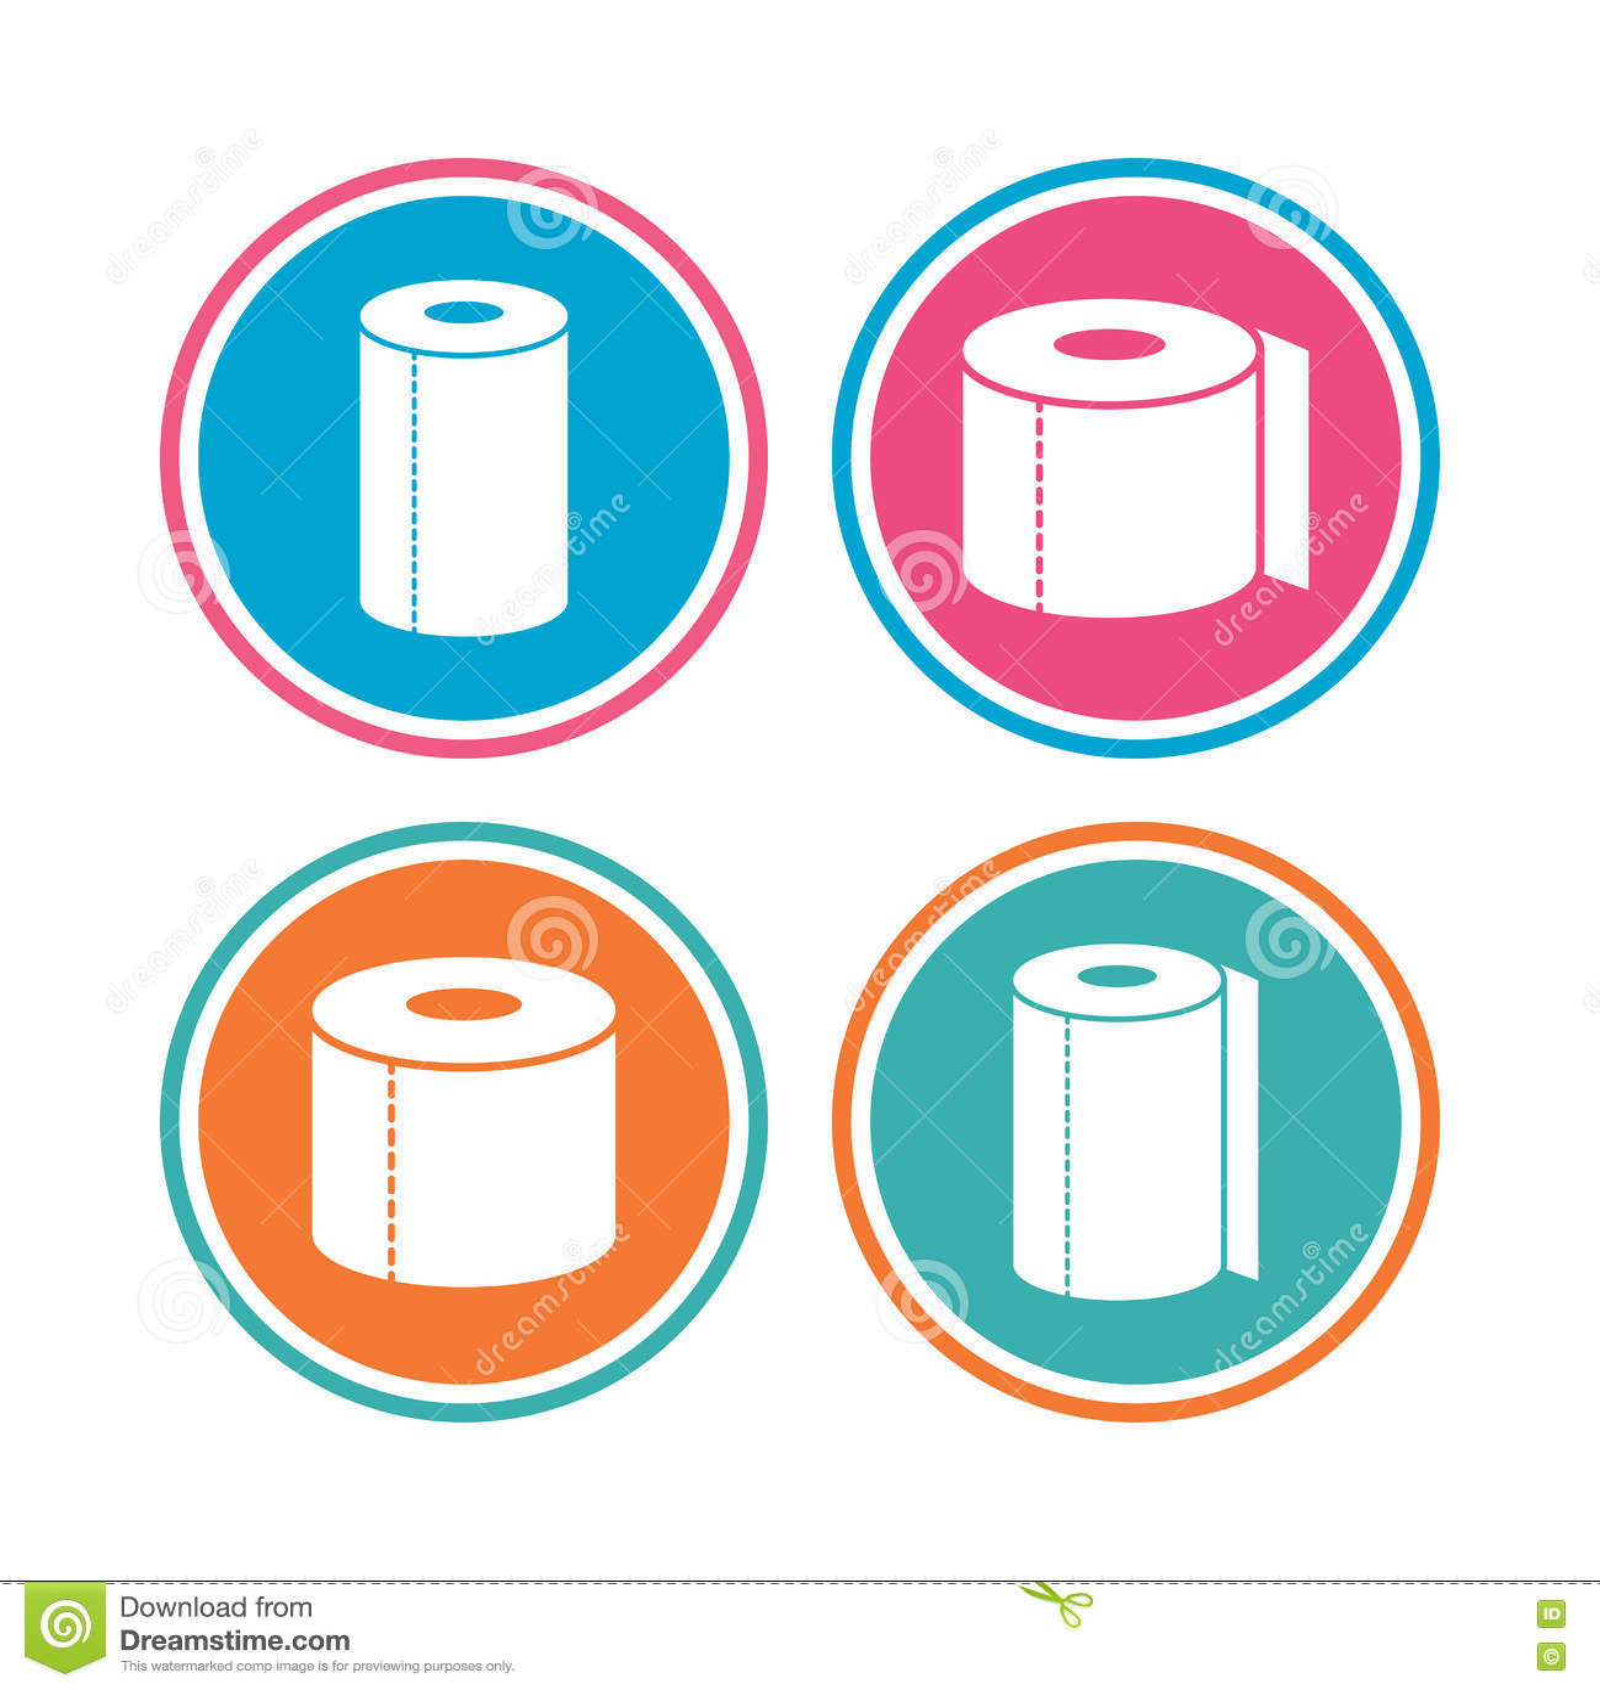 Toiletpapierpictogrammen De handdoeksymbolen van het keukenbroodje